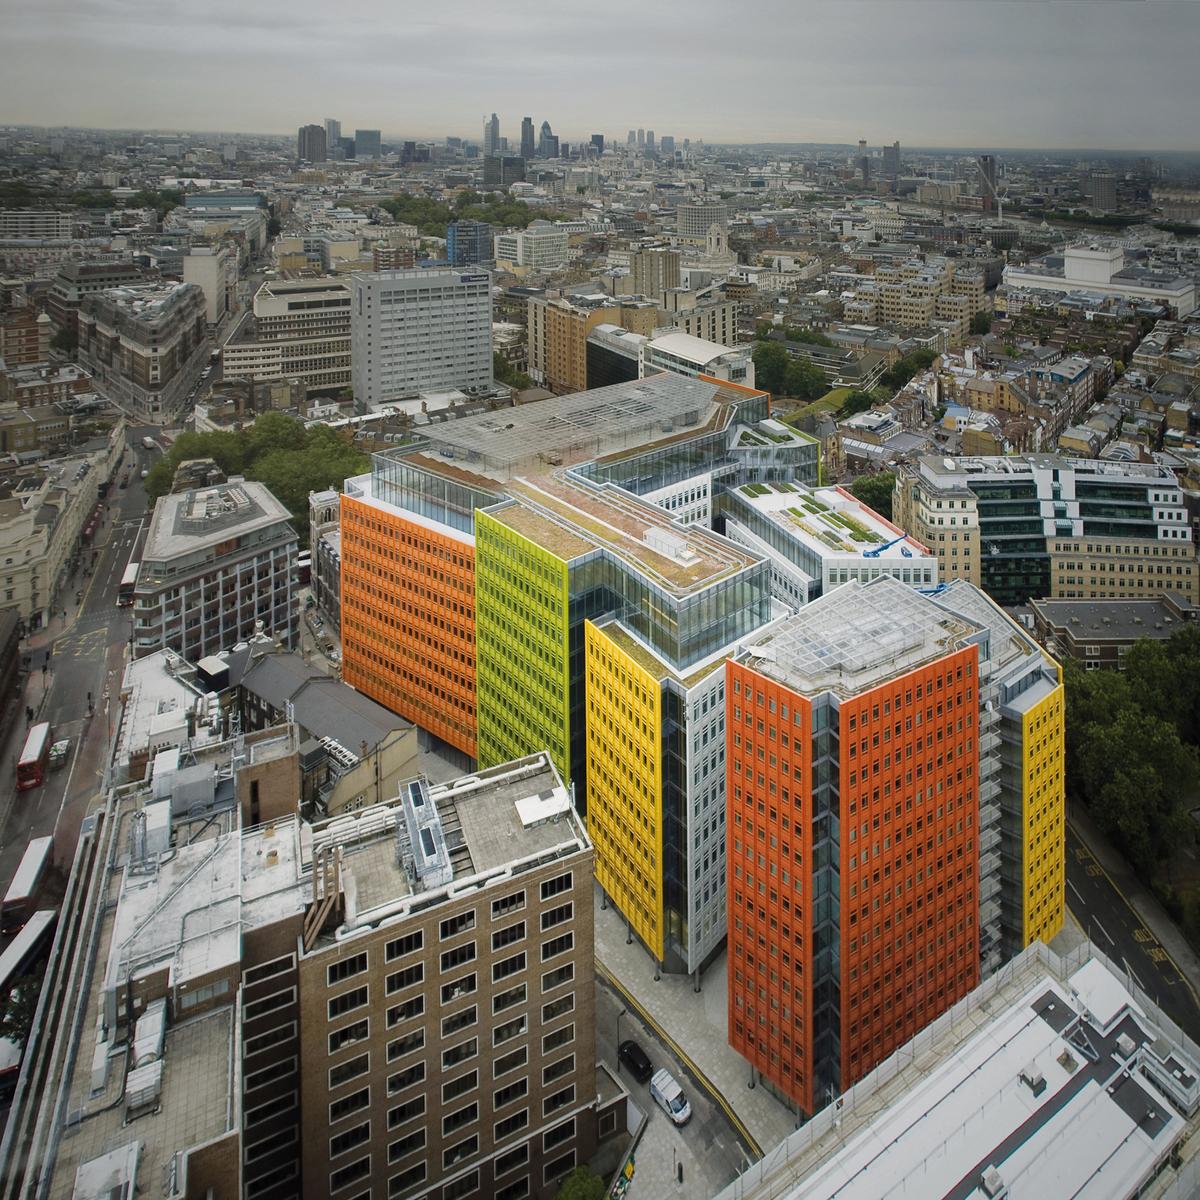 Additional Credits: Architect: Renzo Piano